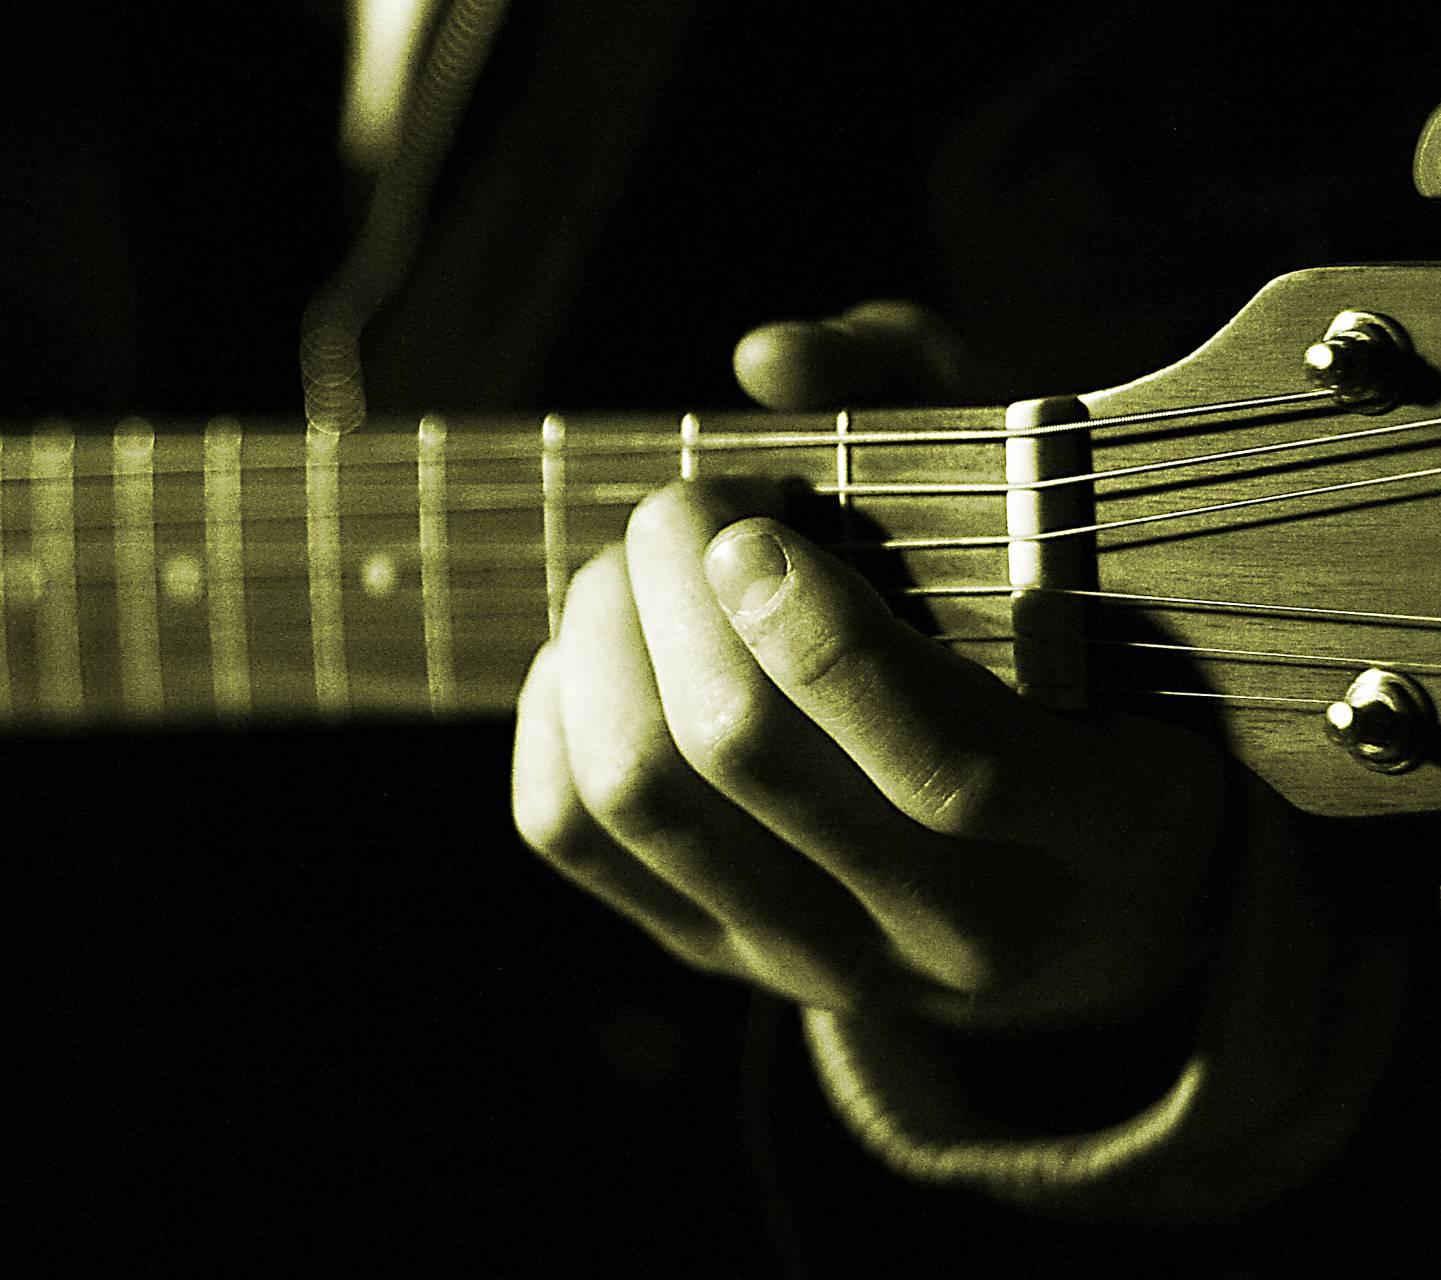 guitarists hands 1